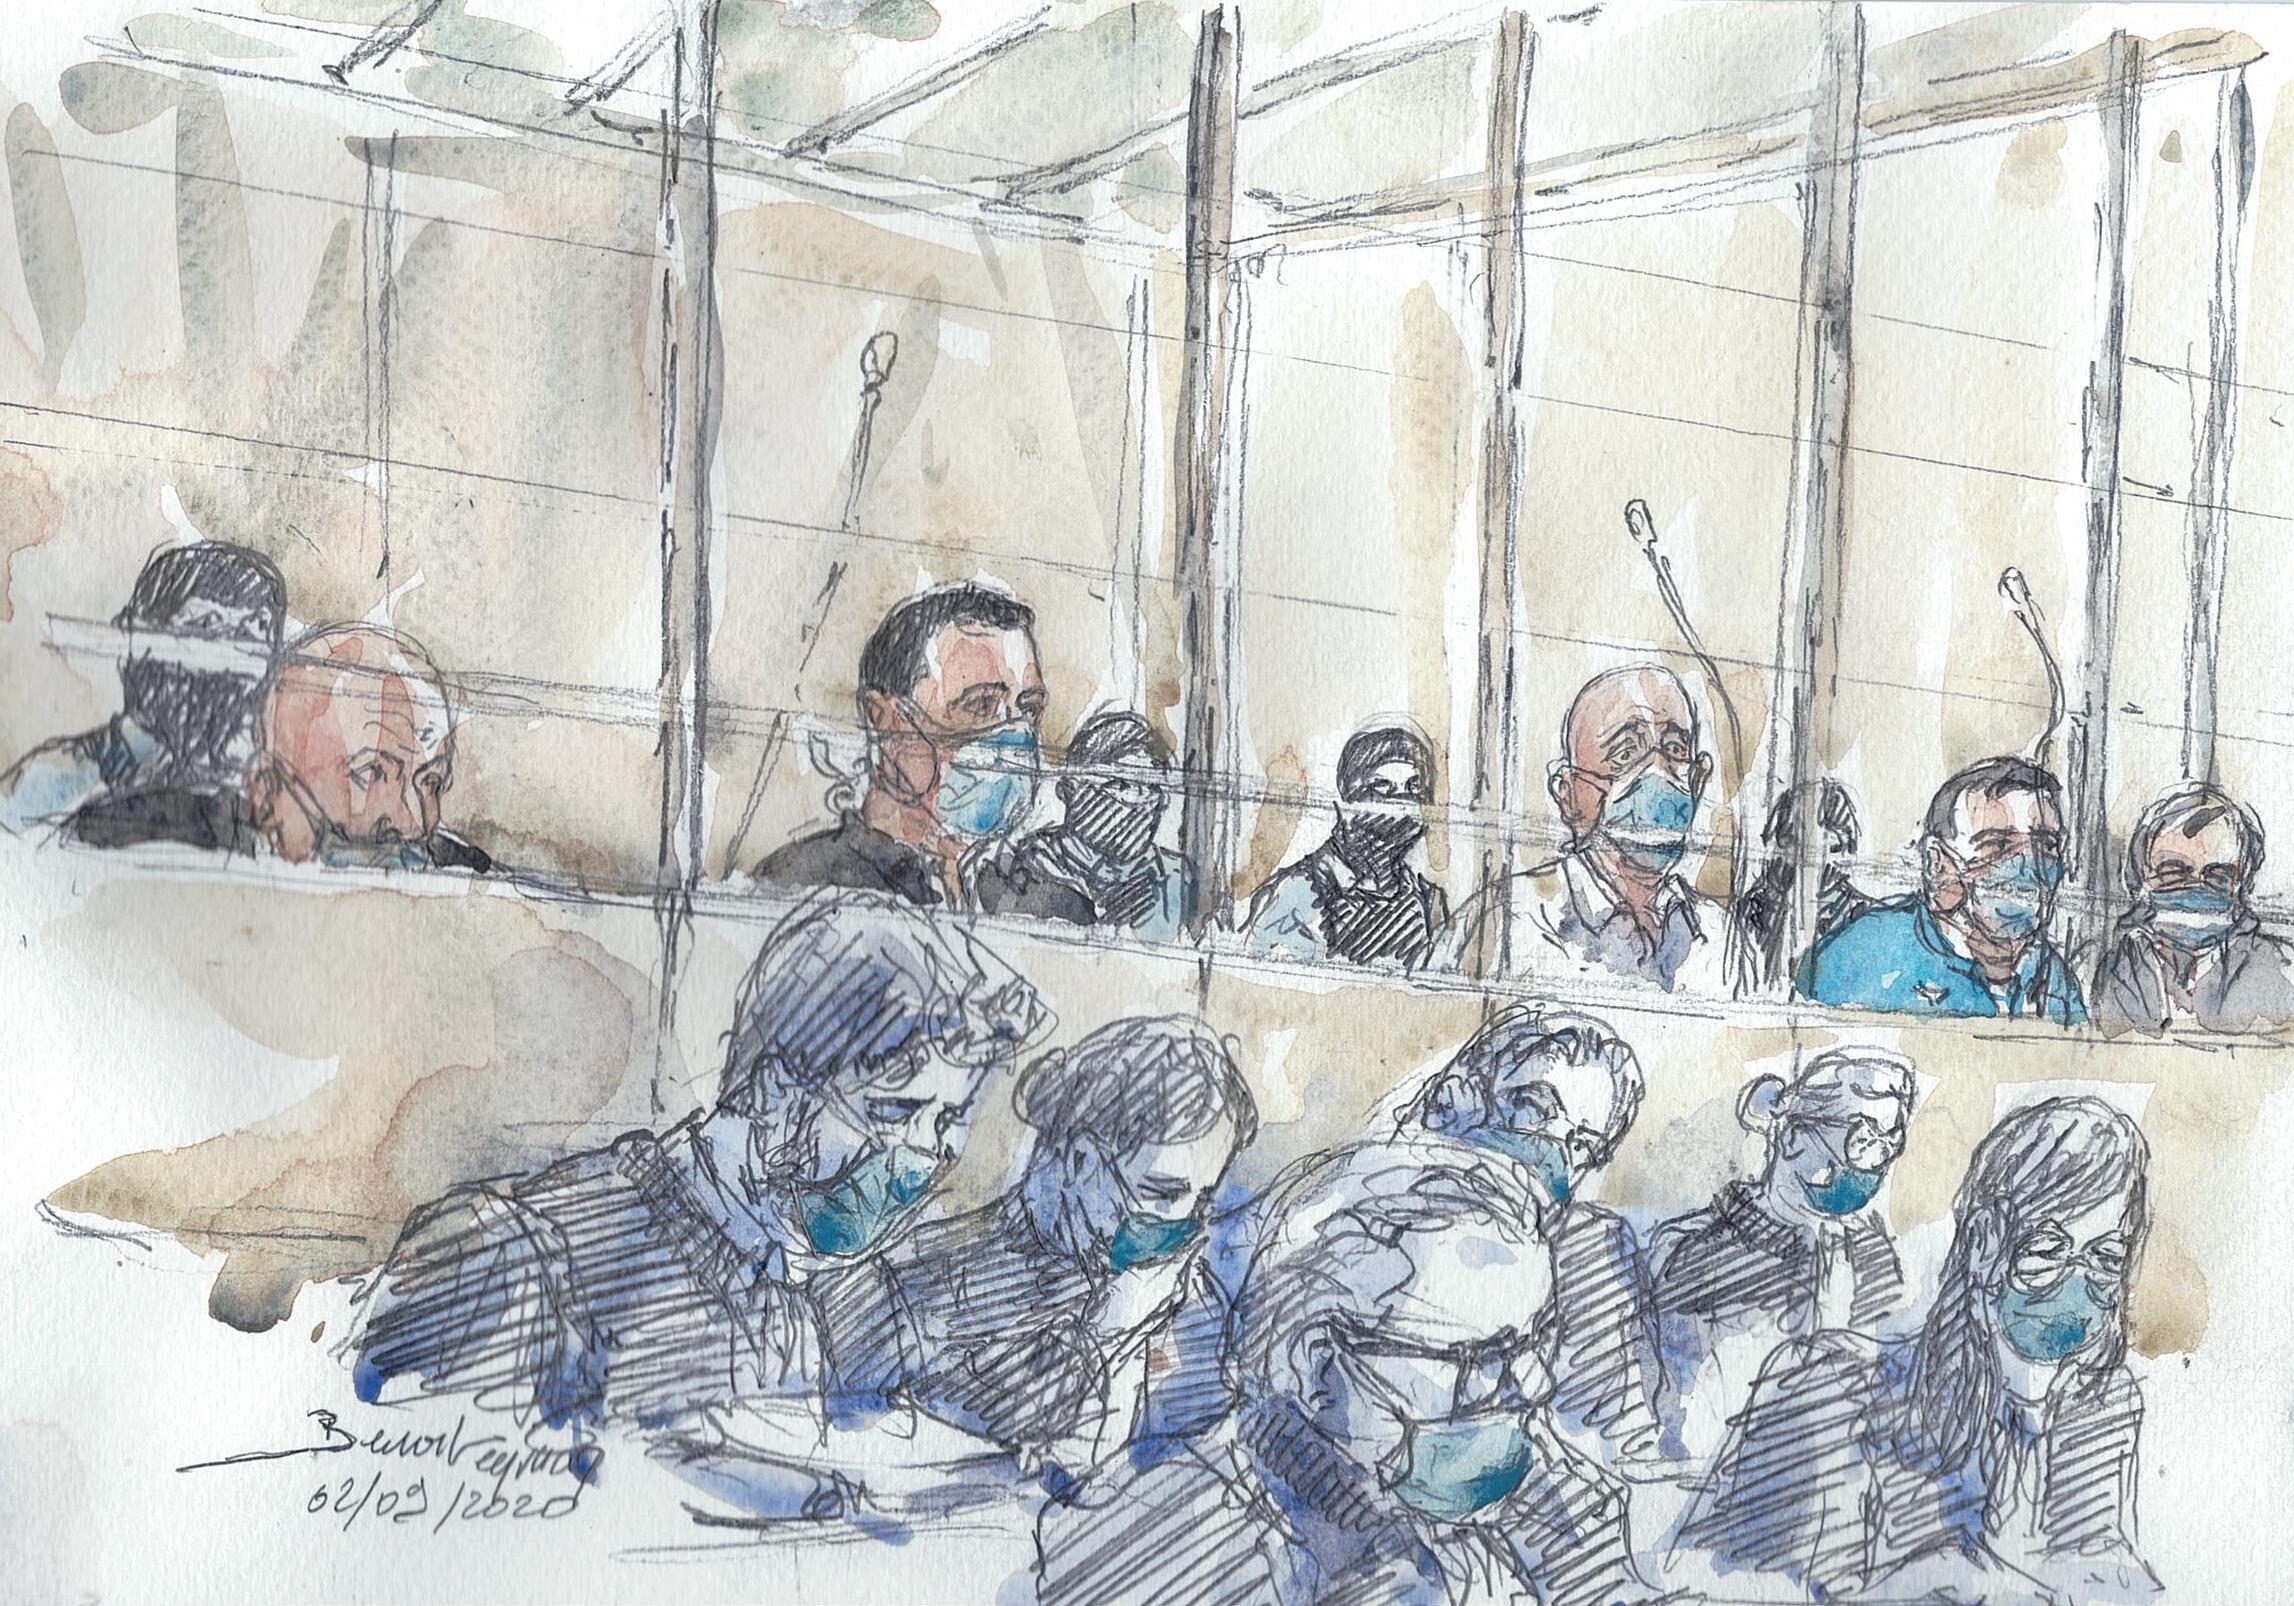 Dessin représentant les quatorze accusés et leurs avocats, le premier jour du procès des attentats de janvier 2015.